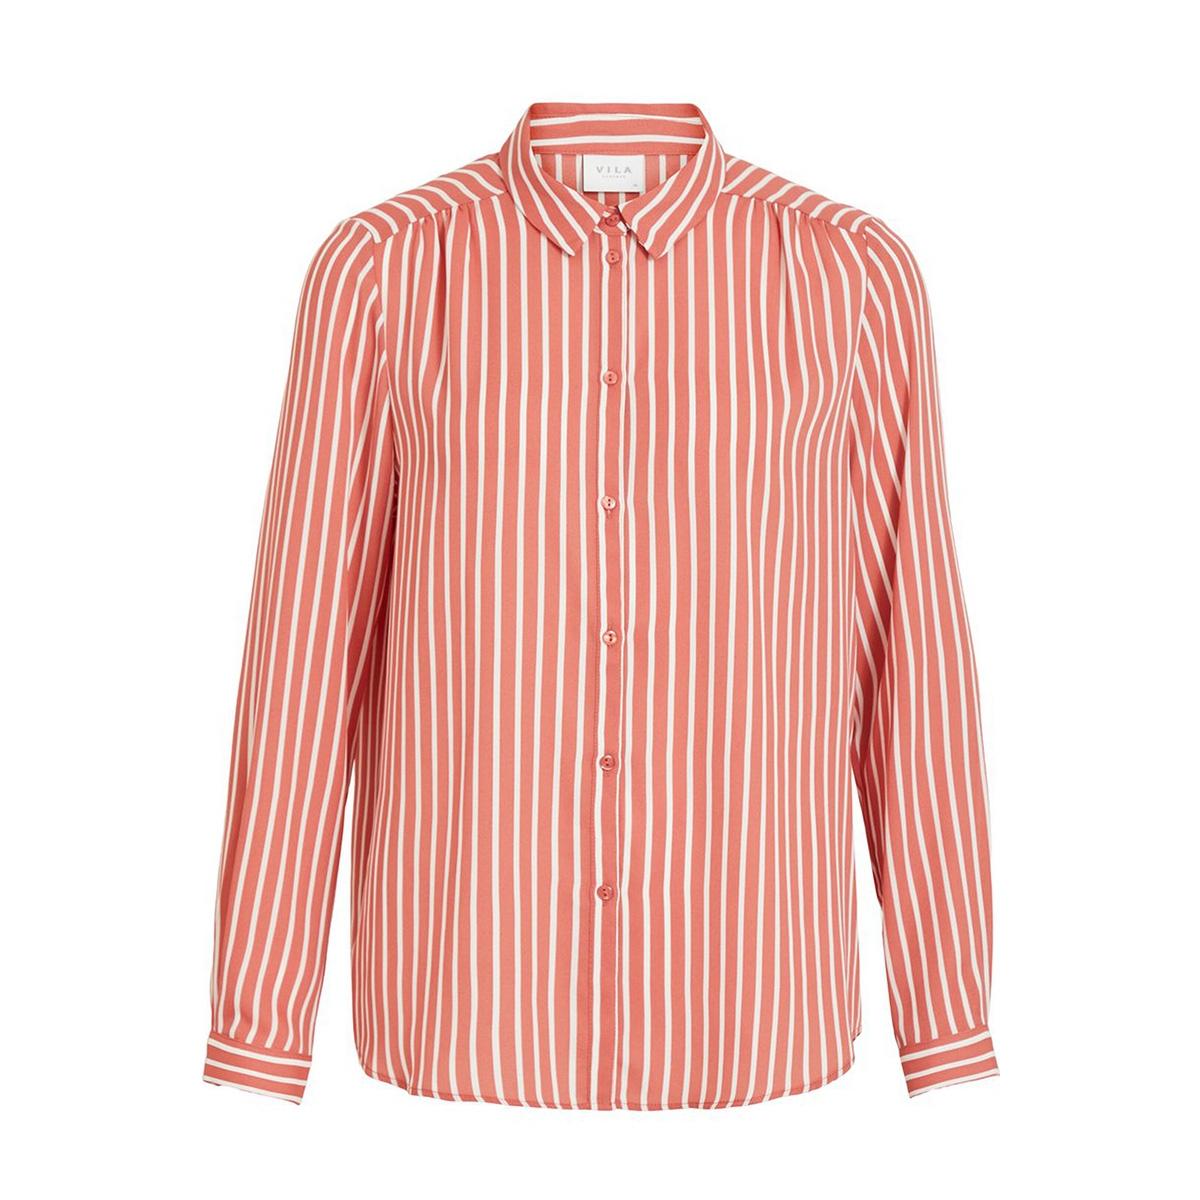 vilucy button l/s shirt - fav lux 14055561 vila blouse dusty cedar/snow white